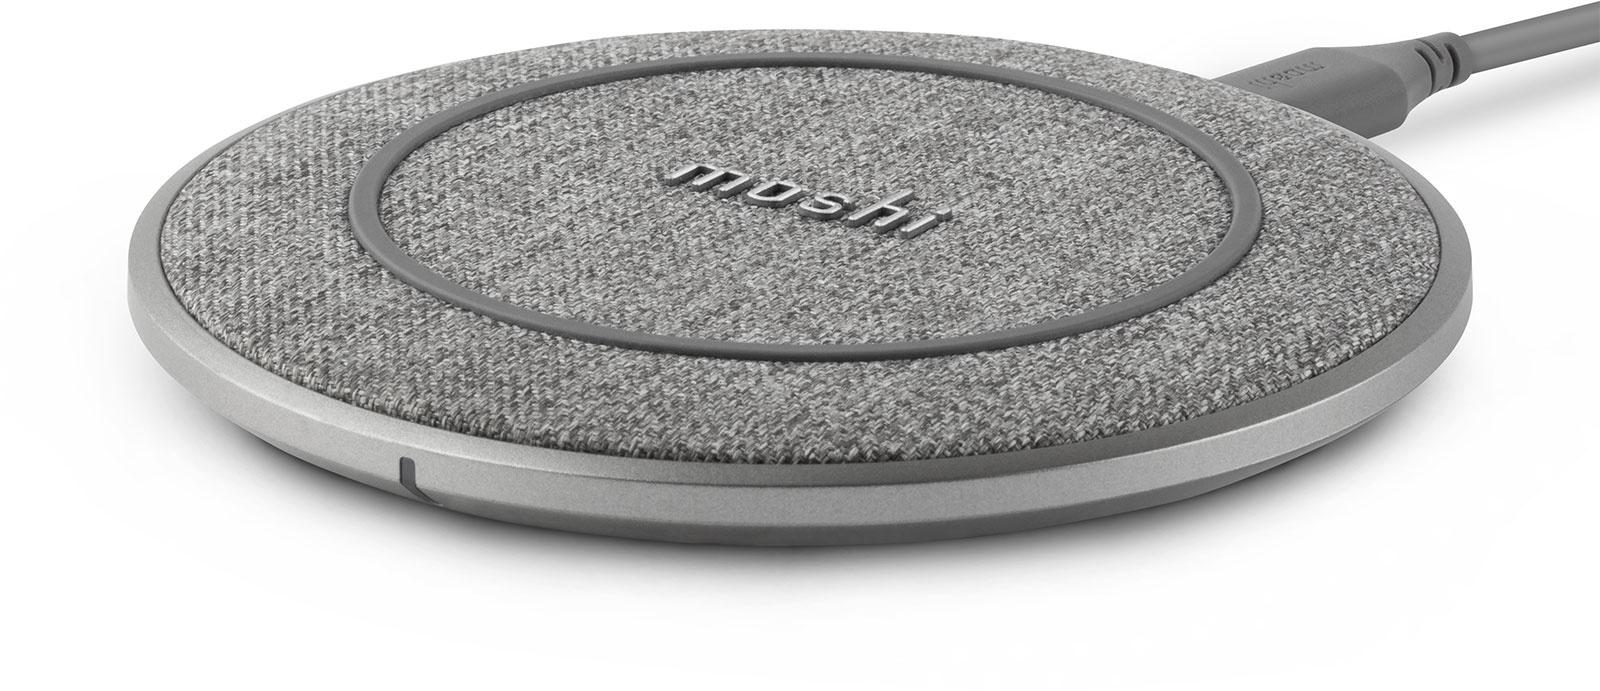 Беспроводное зарядное устройство Moshi Otto Q. Цвет серый.